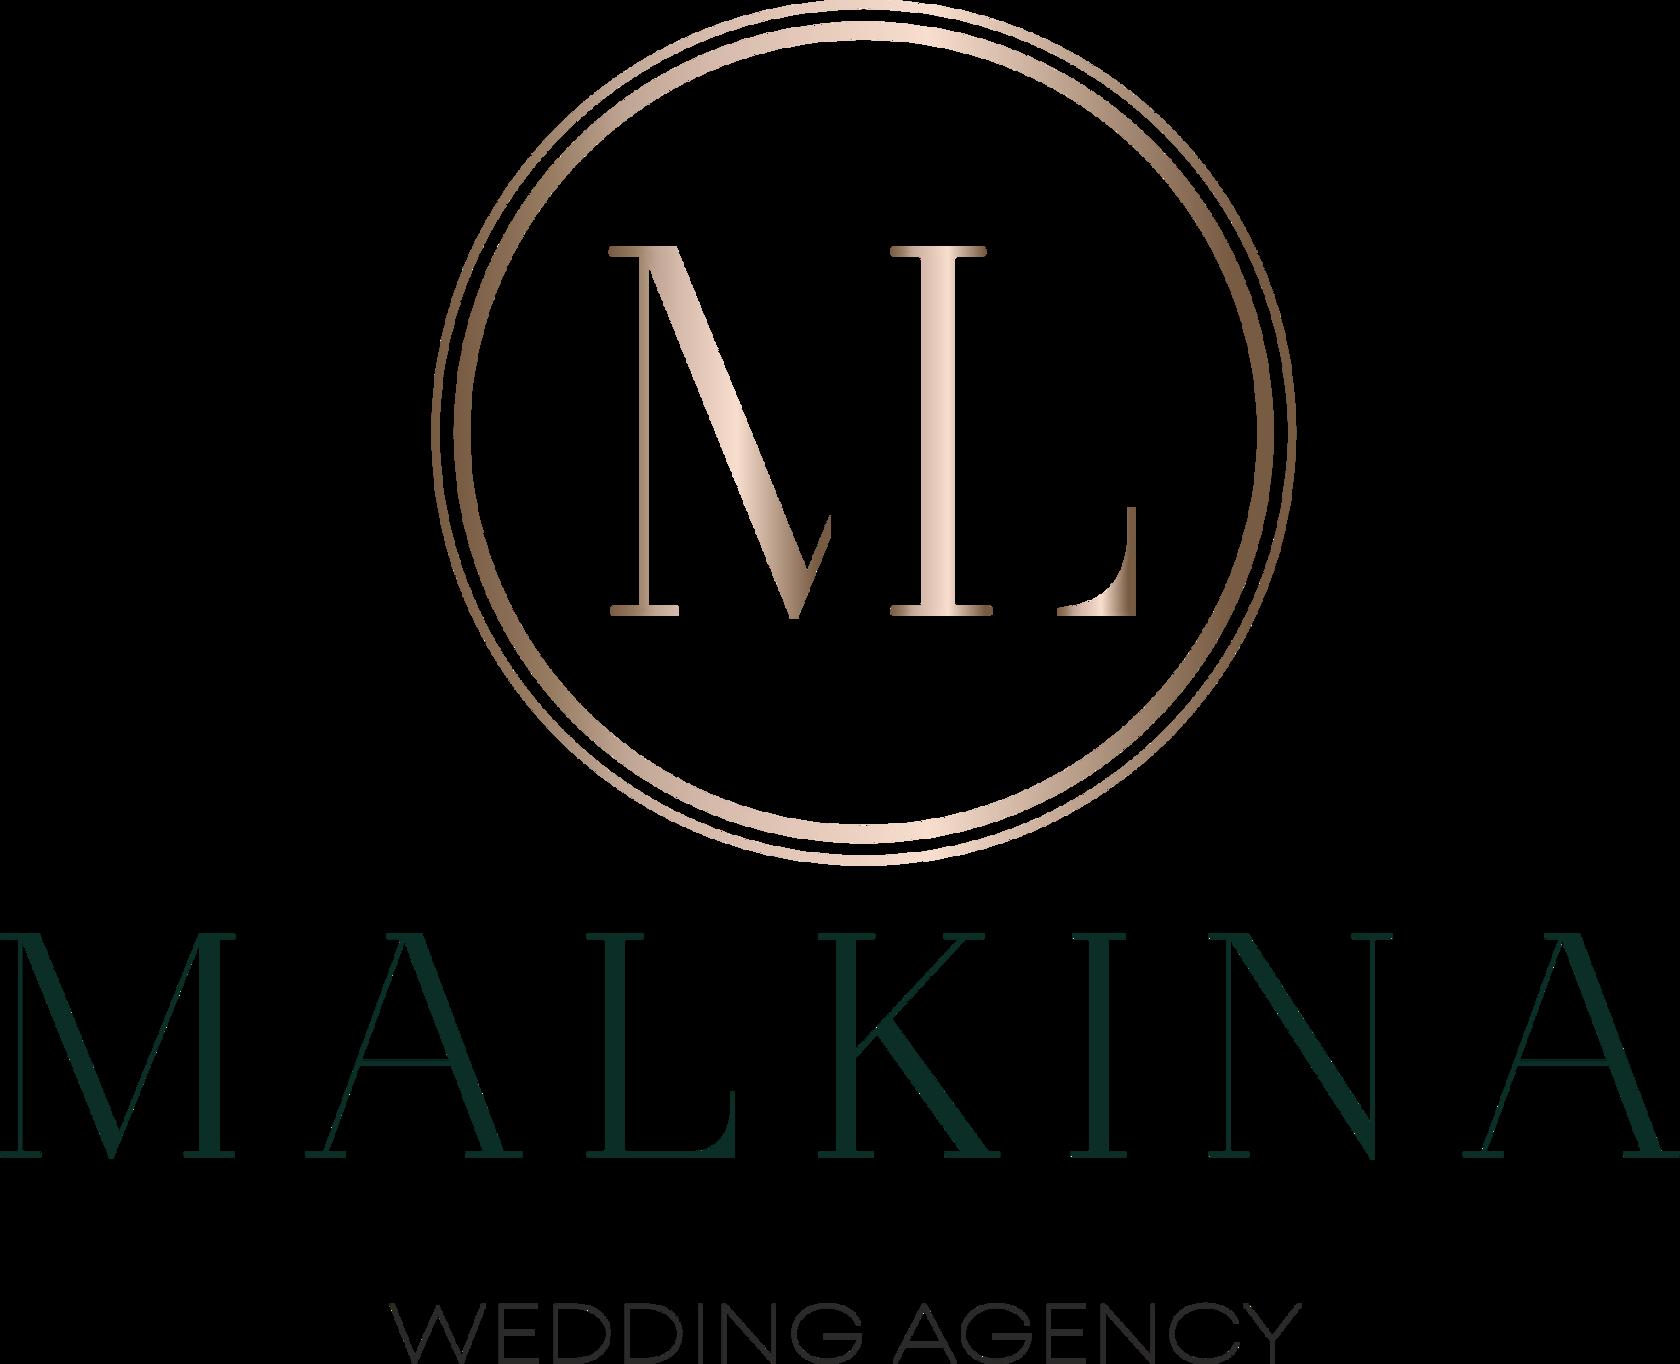 Свадебное агентство Лидии Малкиной Malkina wedding agency